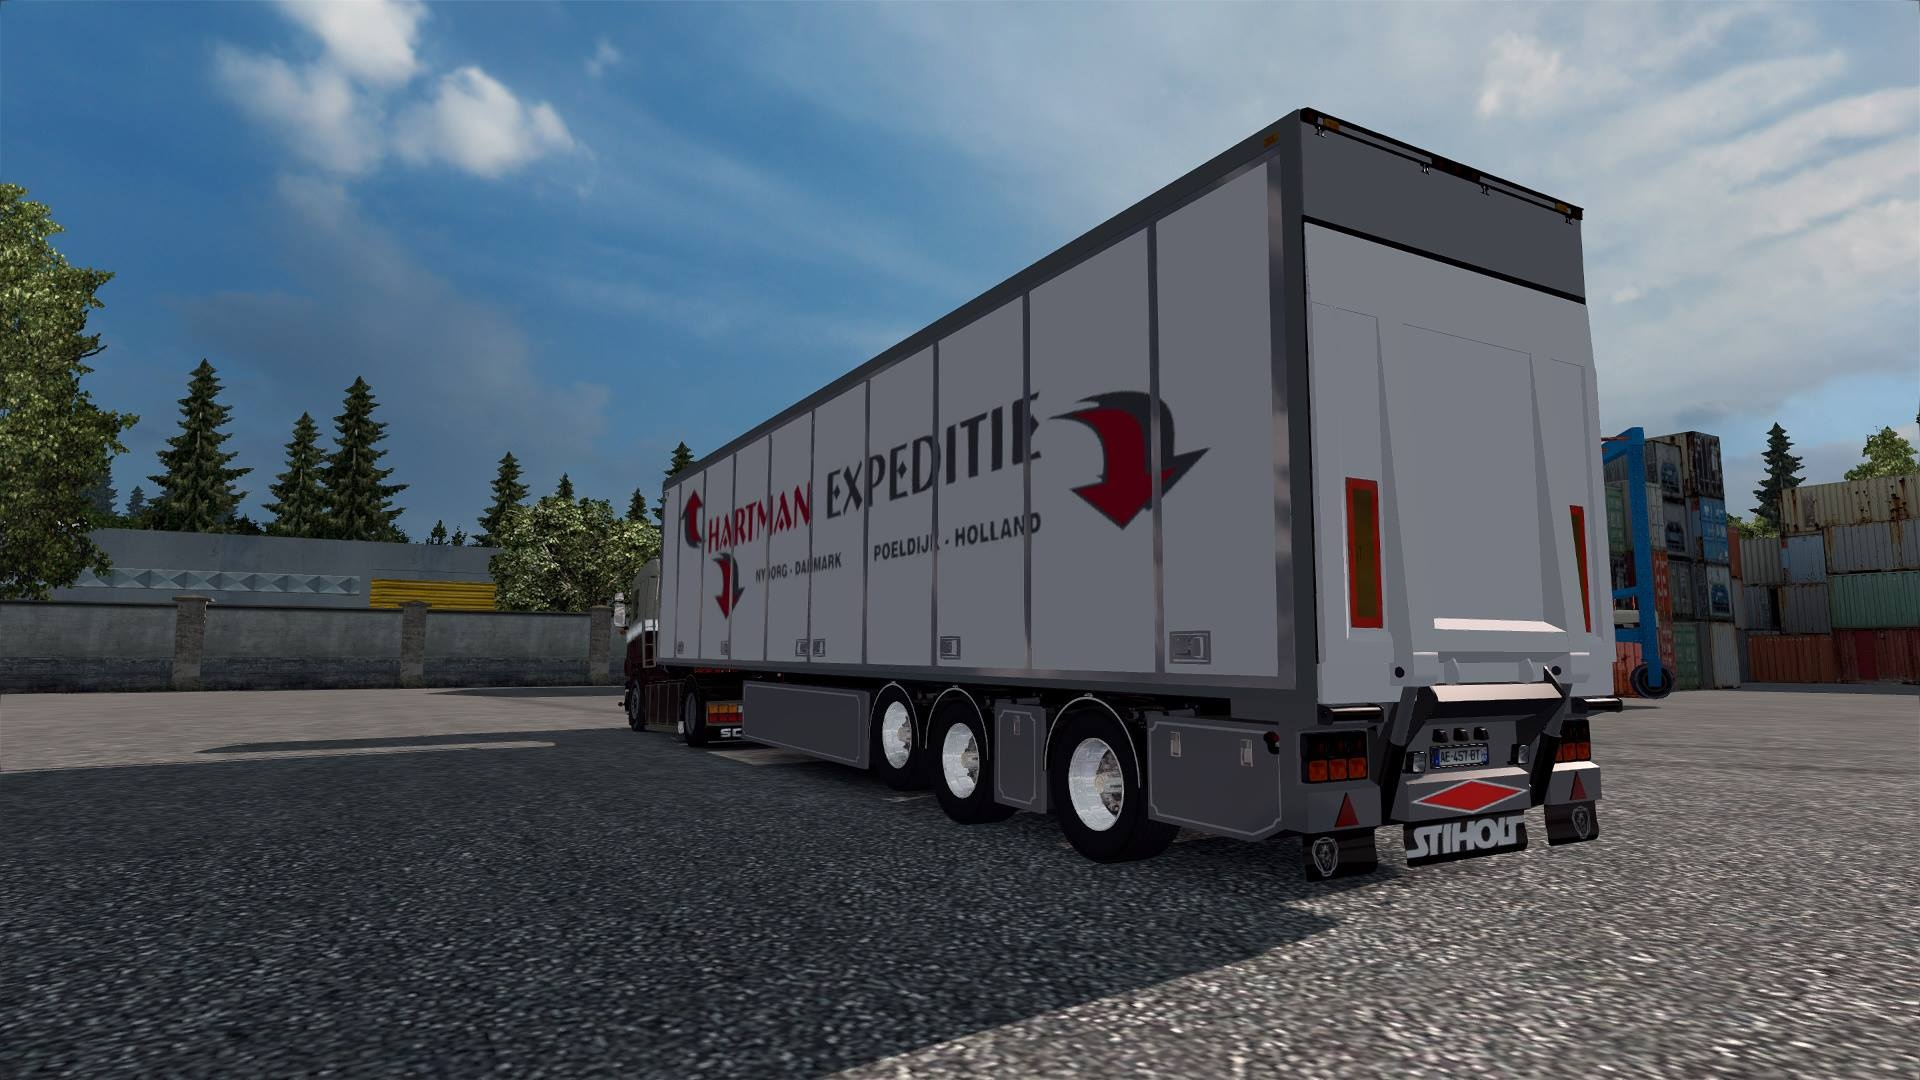 ETS2 Hartman Expeditie FRC Trailer Model